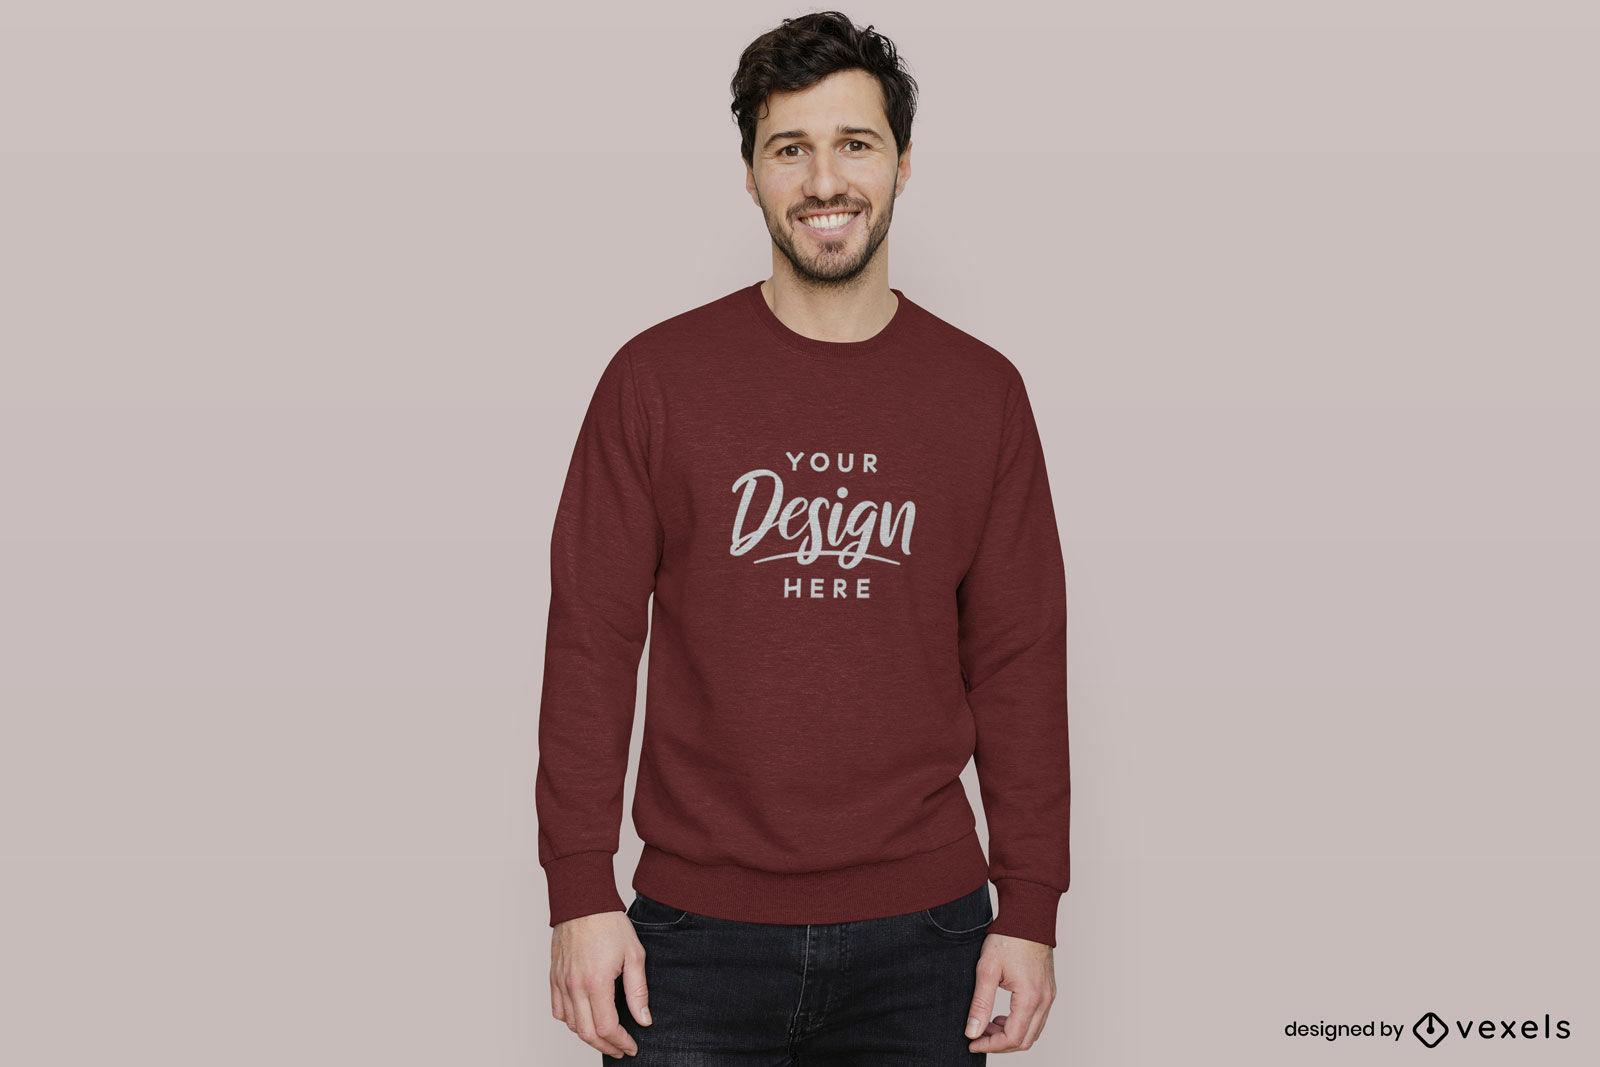 Kastanienbraunes Sweatshirt-Mannmodell im flachen Hintergrund